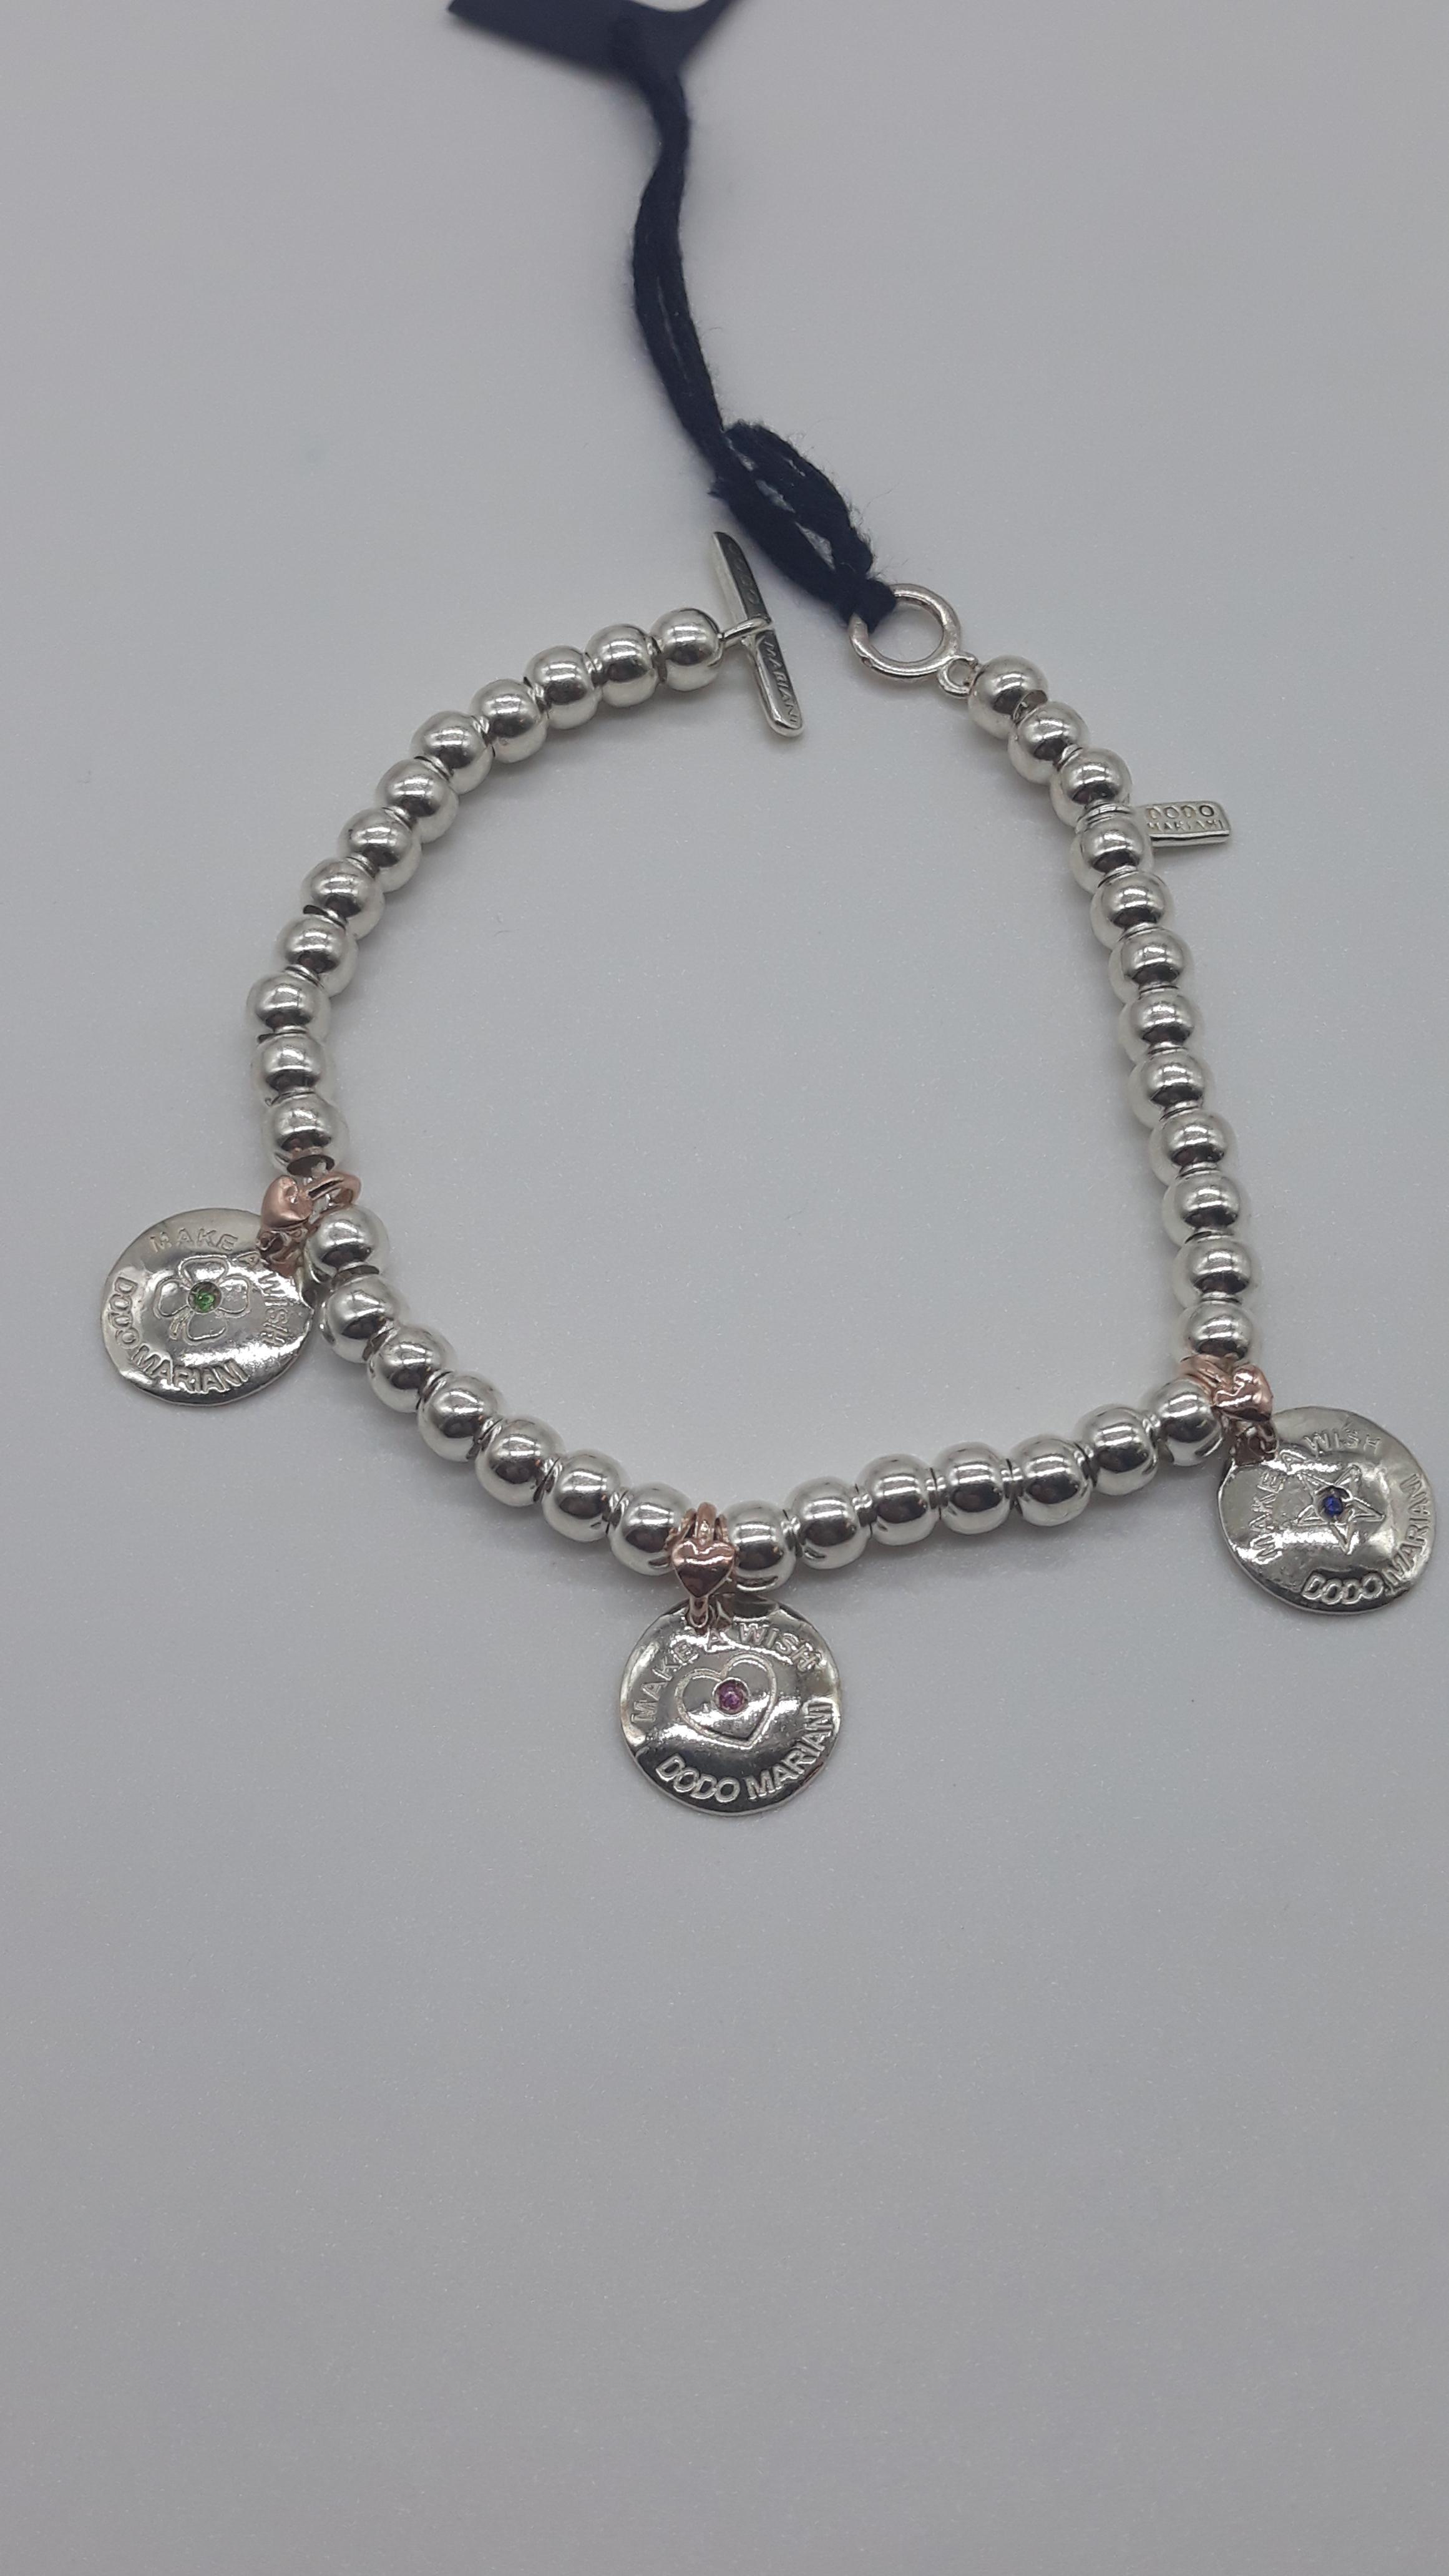 Bracciale DoDo Mariani con sigilli, vendita online | GIOIELLERIA BRUNI Imperia